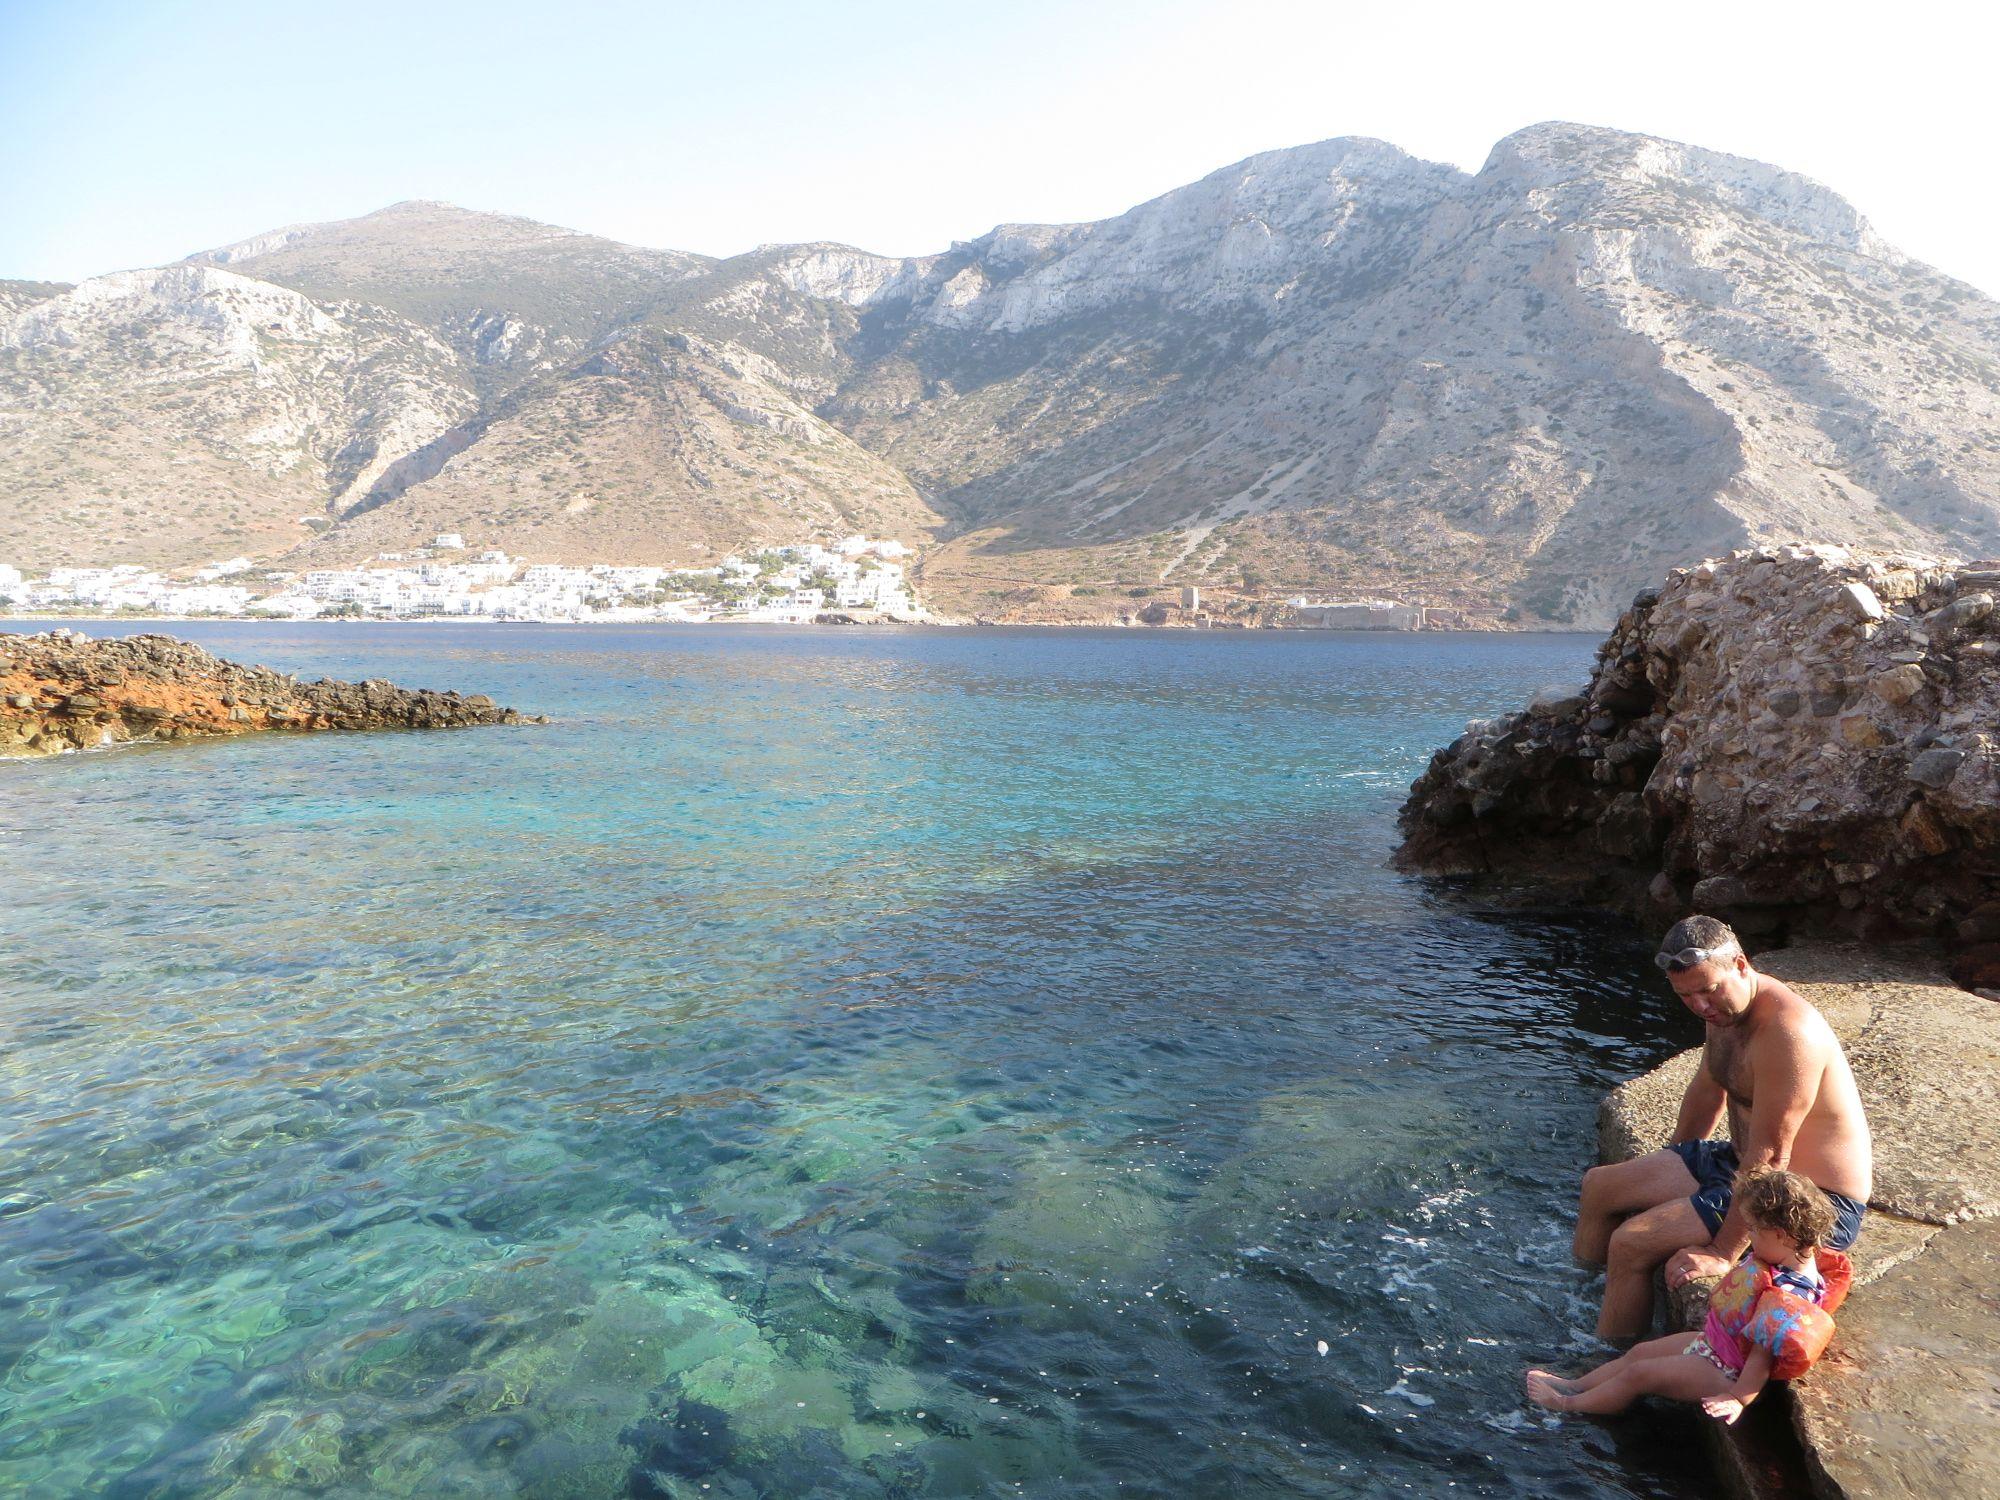 Marianne et Jean-François, les pieds dans l'eau cristalline, sur l'île de Sifnos